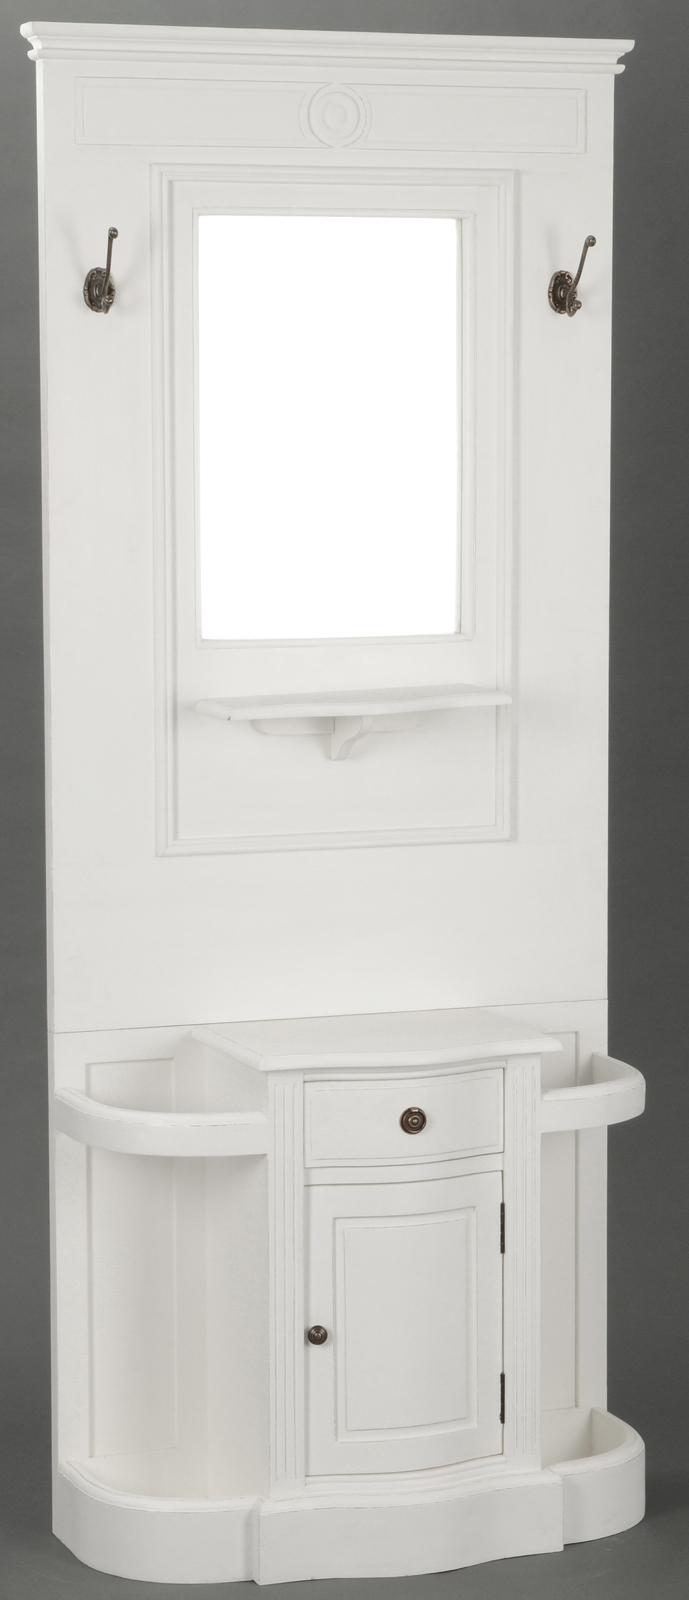 meuble vestiaire entree classique chic agathe l 80 x p 33 x h 190 blanc antique amadeus